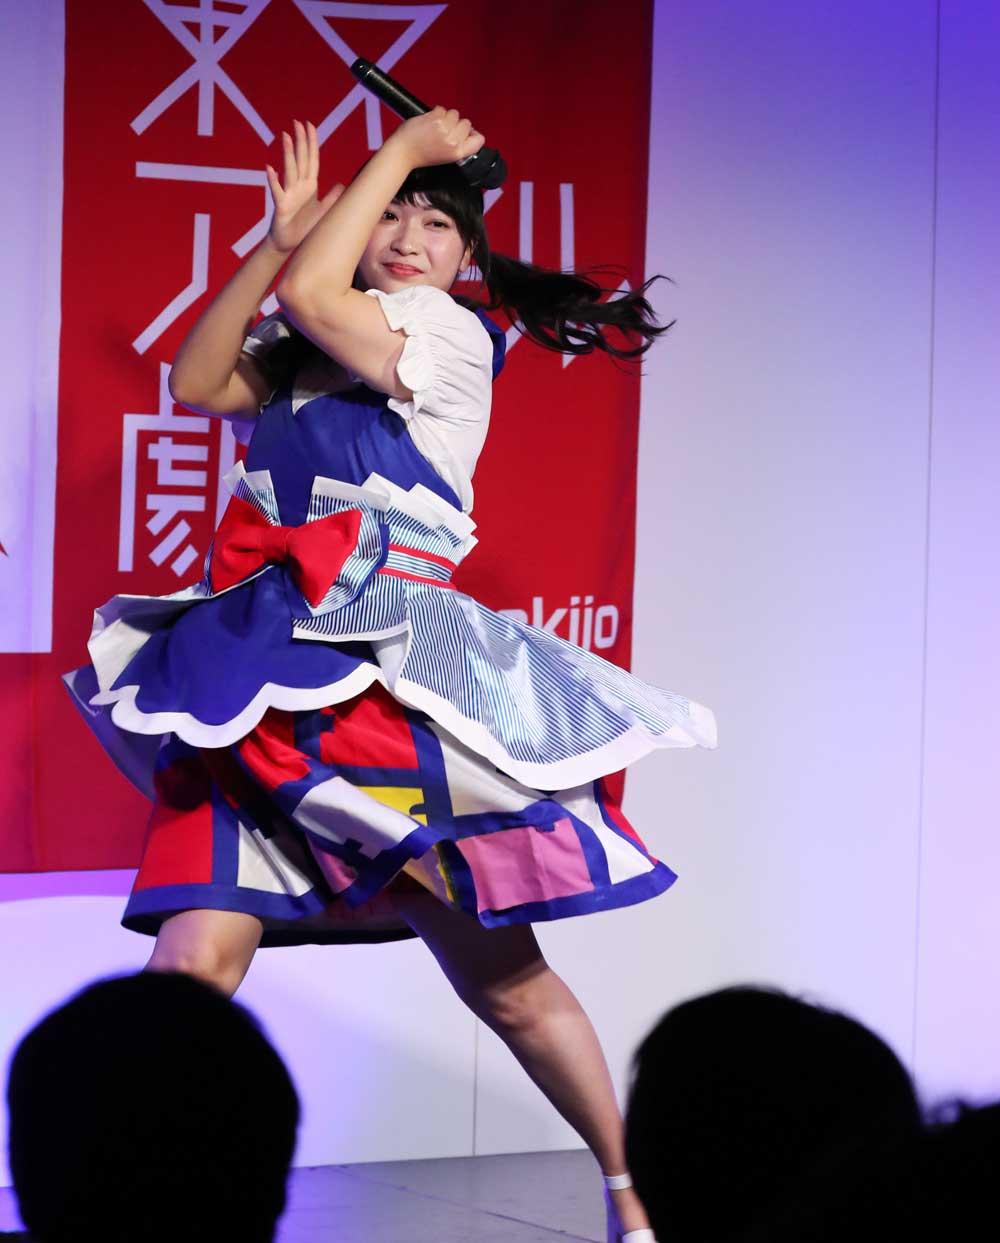 Images : 24番目の画像 - 「ミライスカート/安定&丁寧なパフォーマンスで名曲の数々を歌いきる。6月29日にはホームグラウンドの京都でフェスを開催」のアルバム - Stereo Sound ONLINE